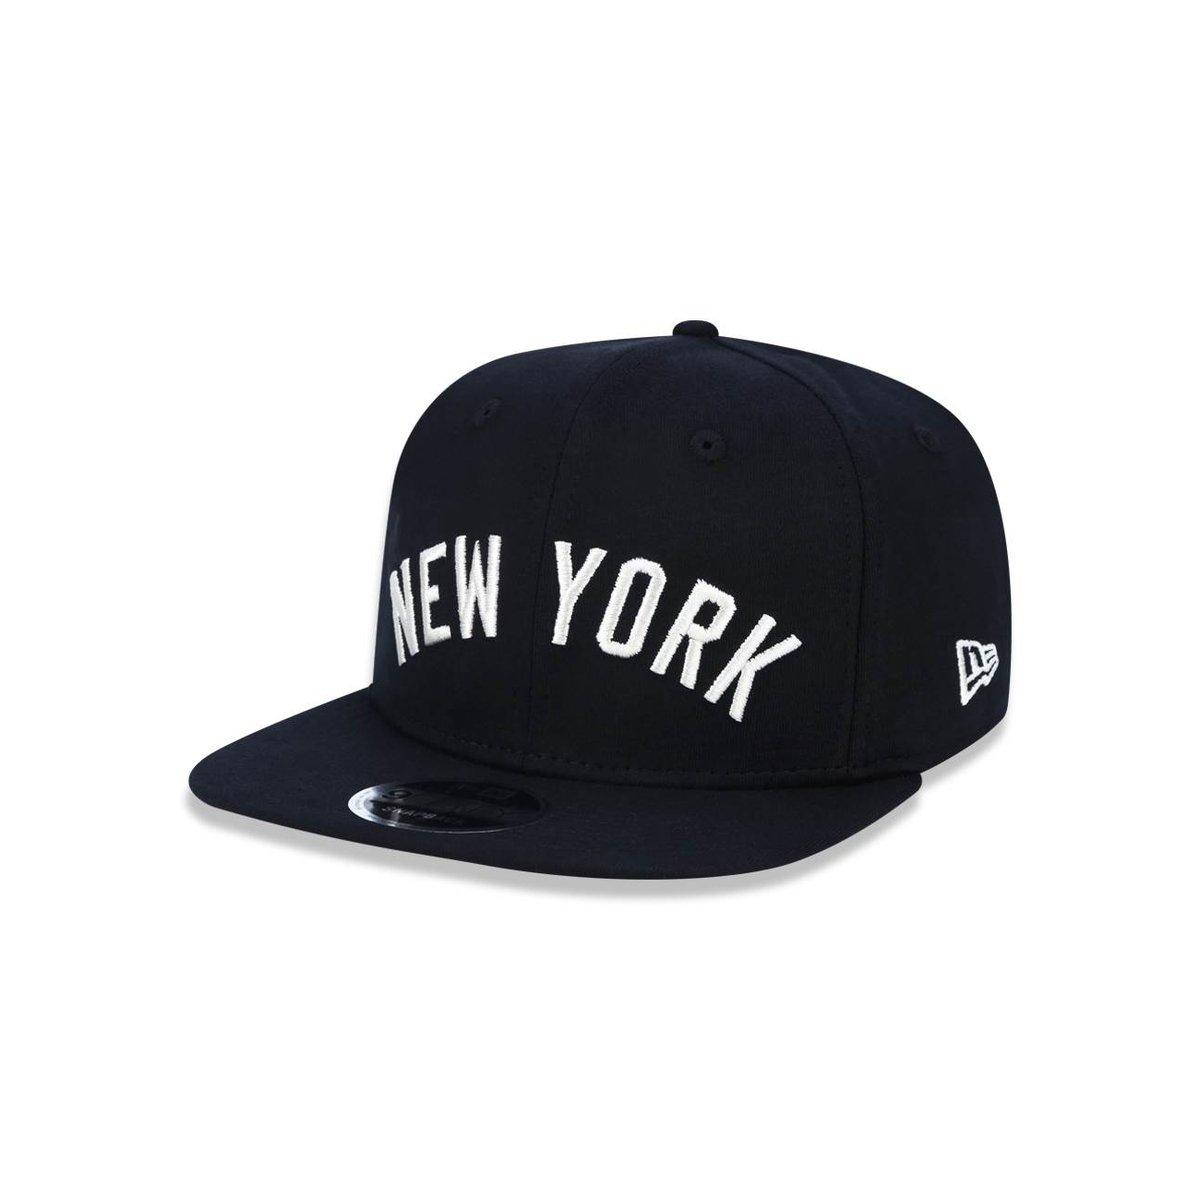 Boné 950 Original Fit New York Yankees MLB Aba Reta Snapback New Era -  Preto - Compre Agora  3c2b1a5fcc1